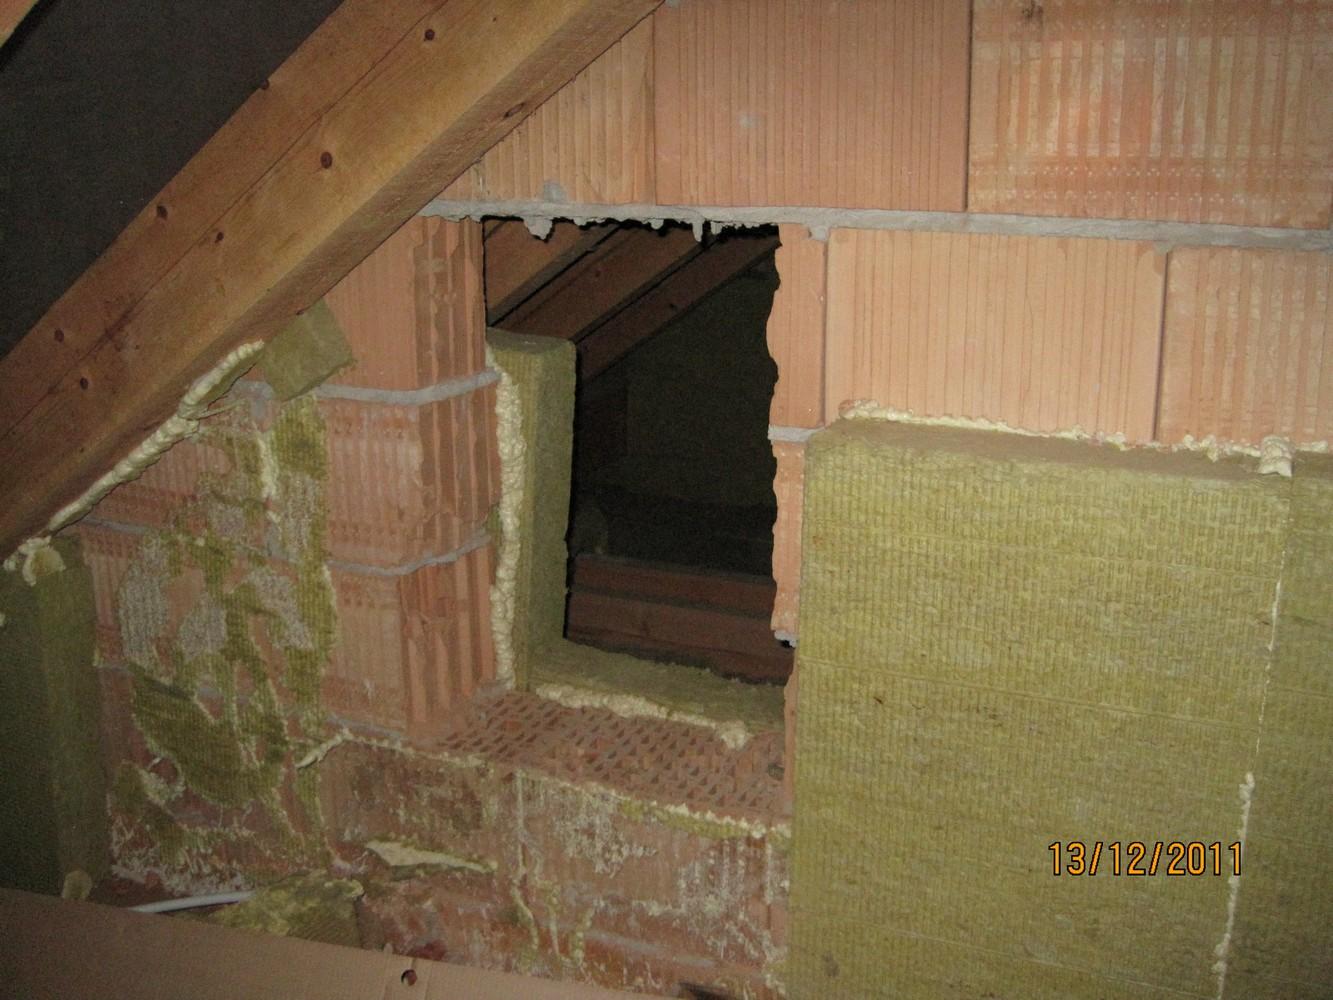 původní stav před výstavbou obytného podkroví